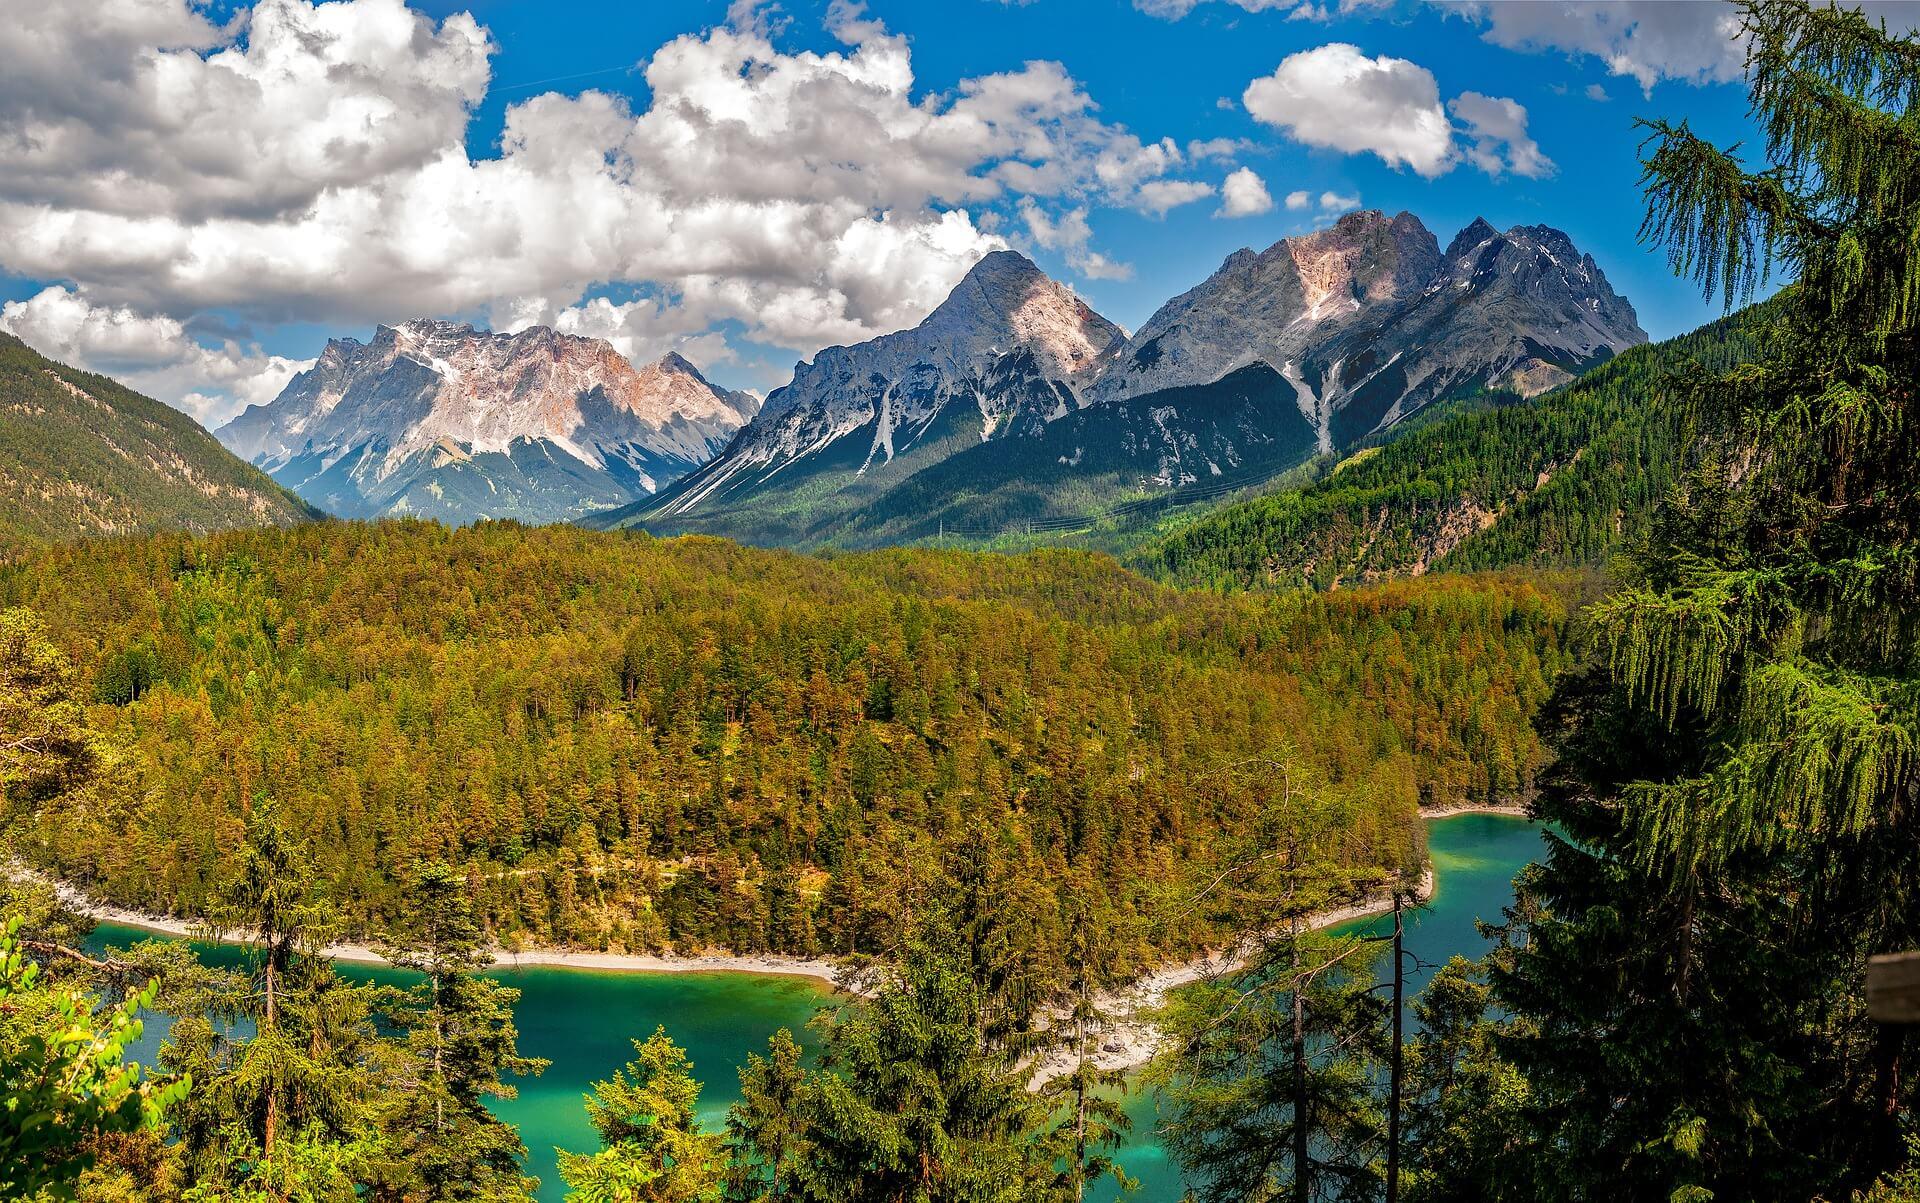 paysages-alpes-roadtrip-en-van-le-blog-freed-home-camper-le-blog-des-vans-amnags--freedom-camper